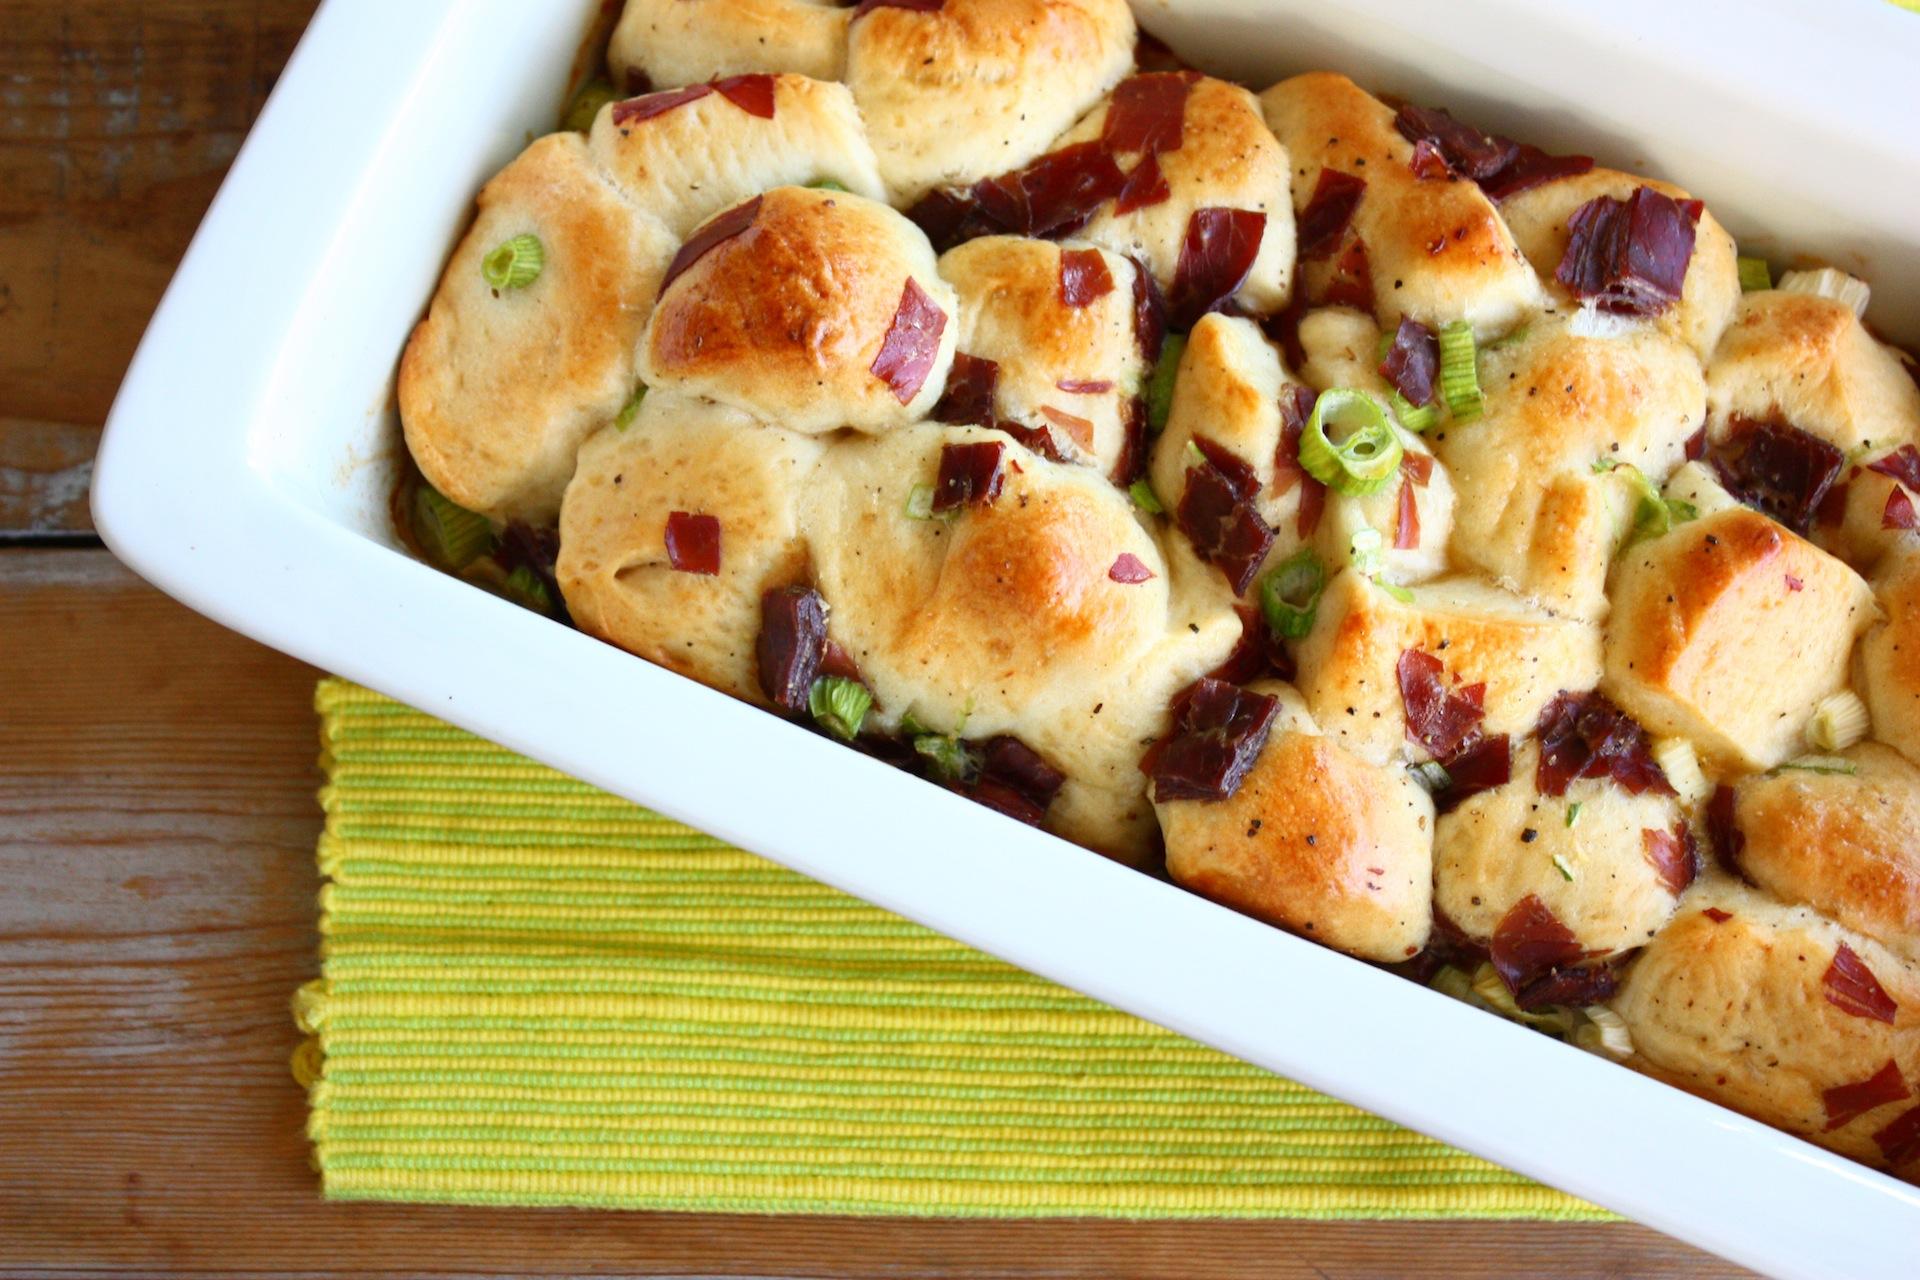 vleeschwaar-brunchbrood-met-lenteui-en-rauwe-ham-francescakookt